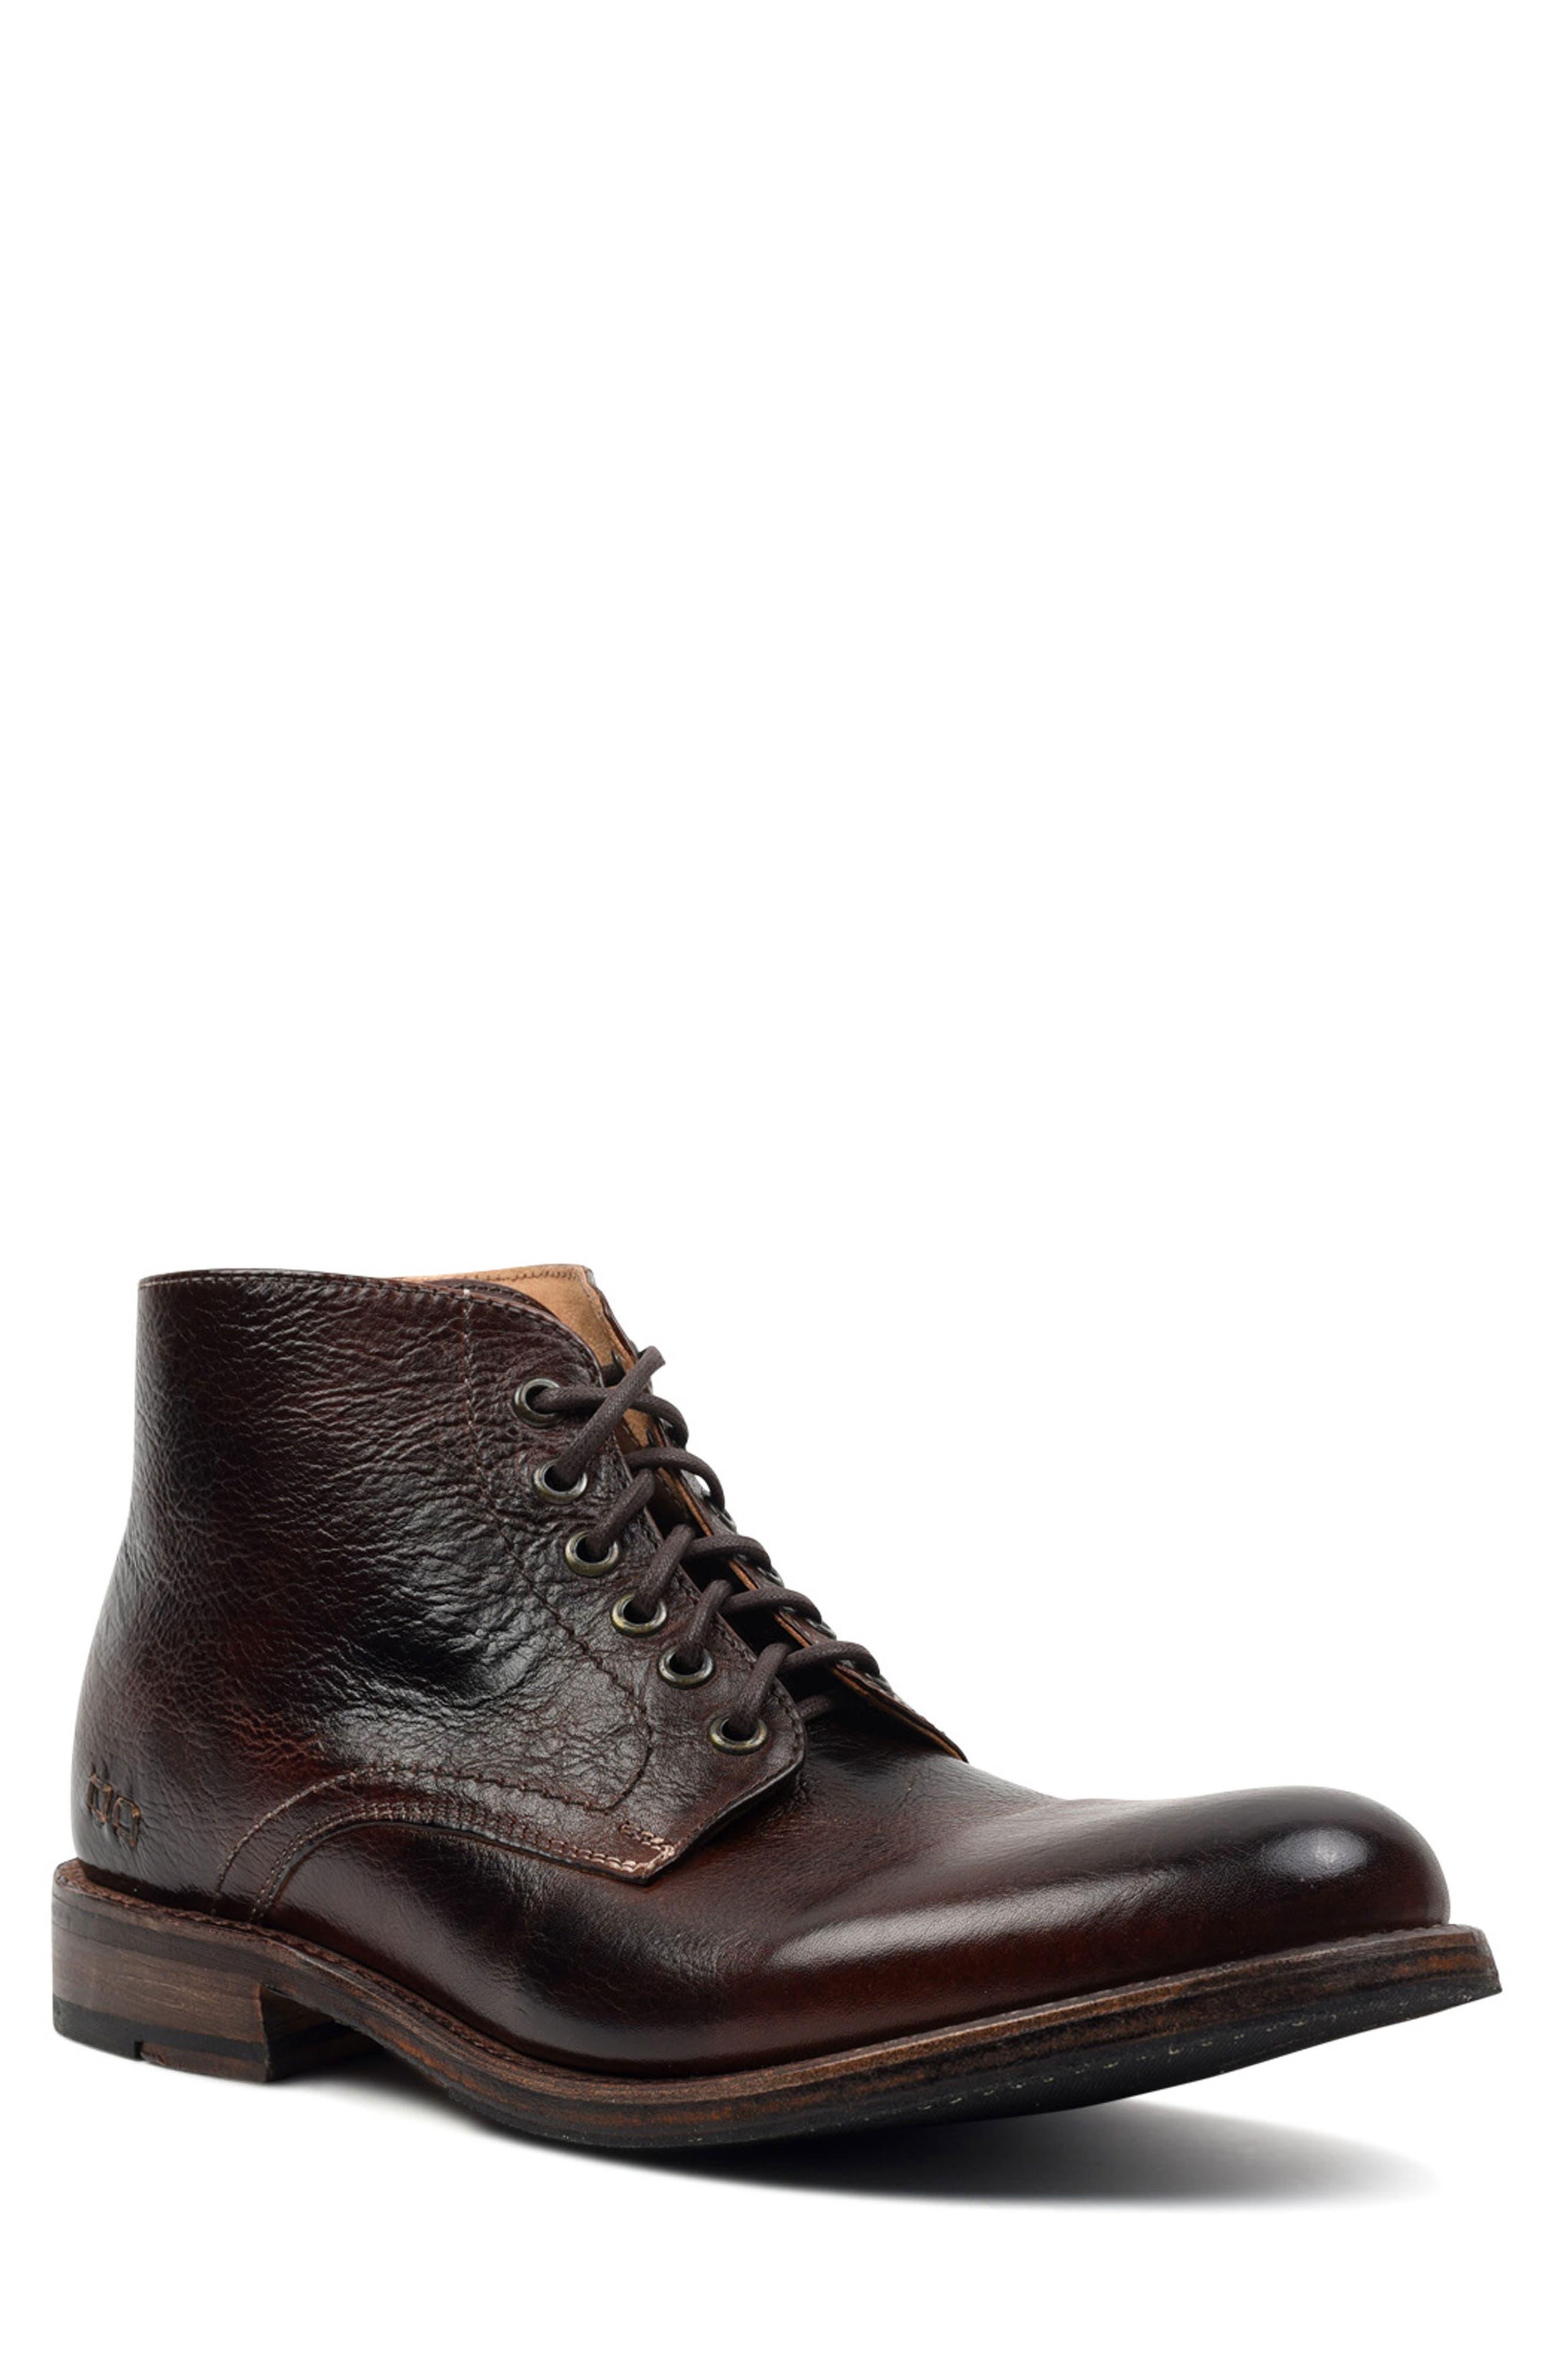 Bradley Plain Toe Boot